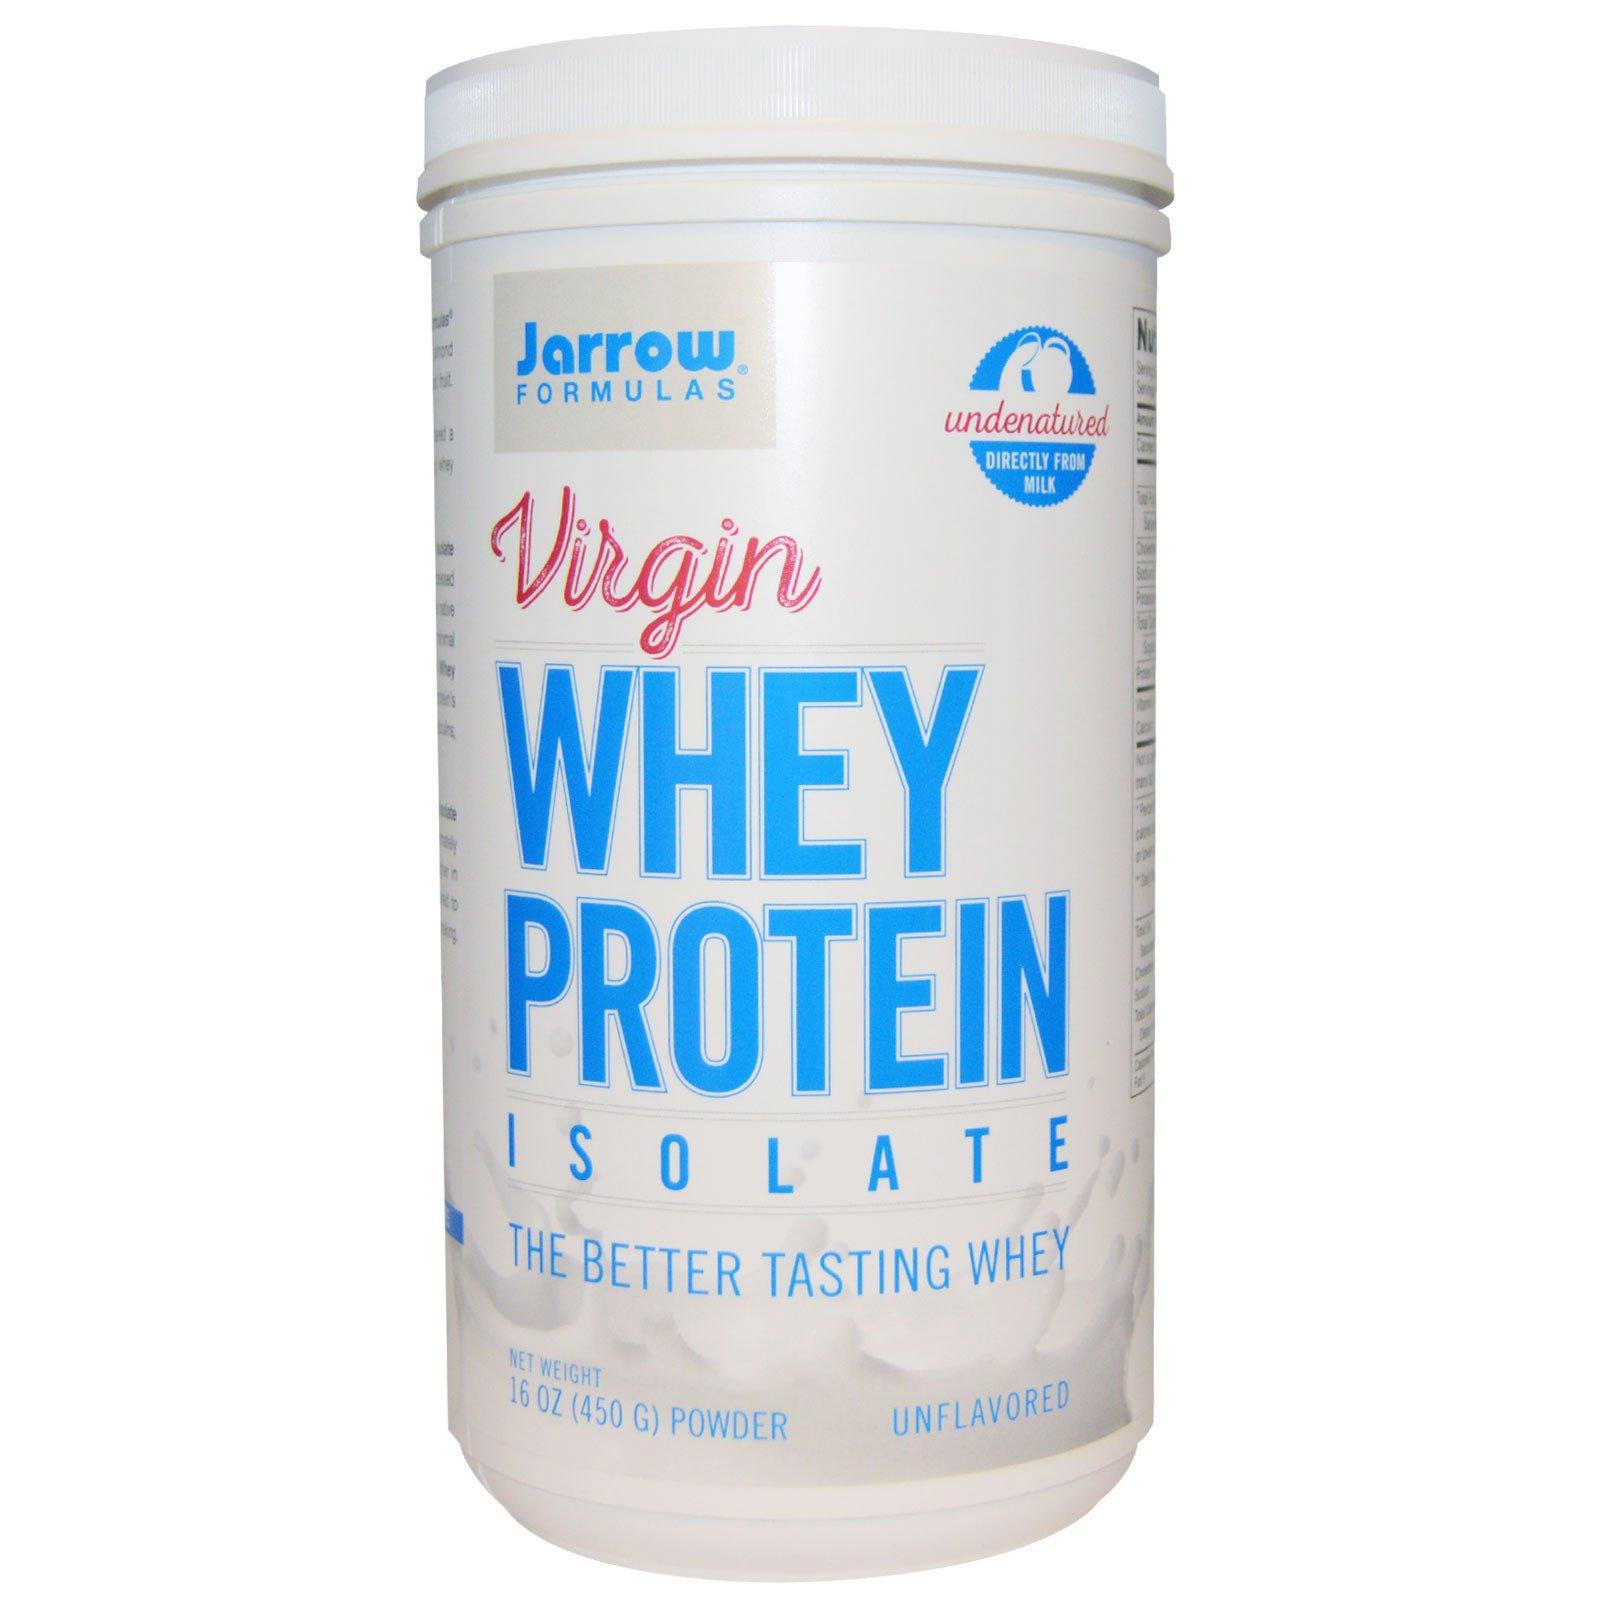 Jarrow Formulas, Virgin, изолят сывороточного протеина, порошок, без добавок, 16 унций (450 г)